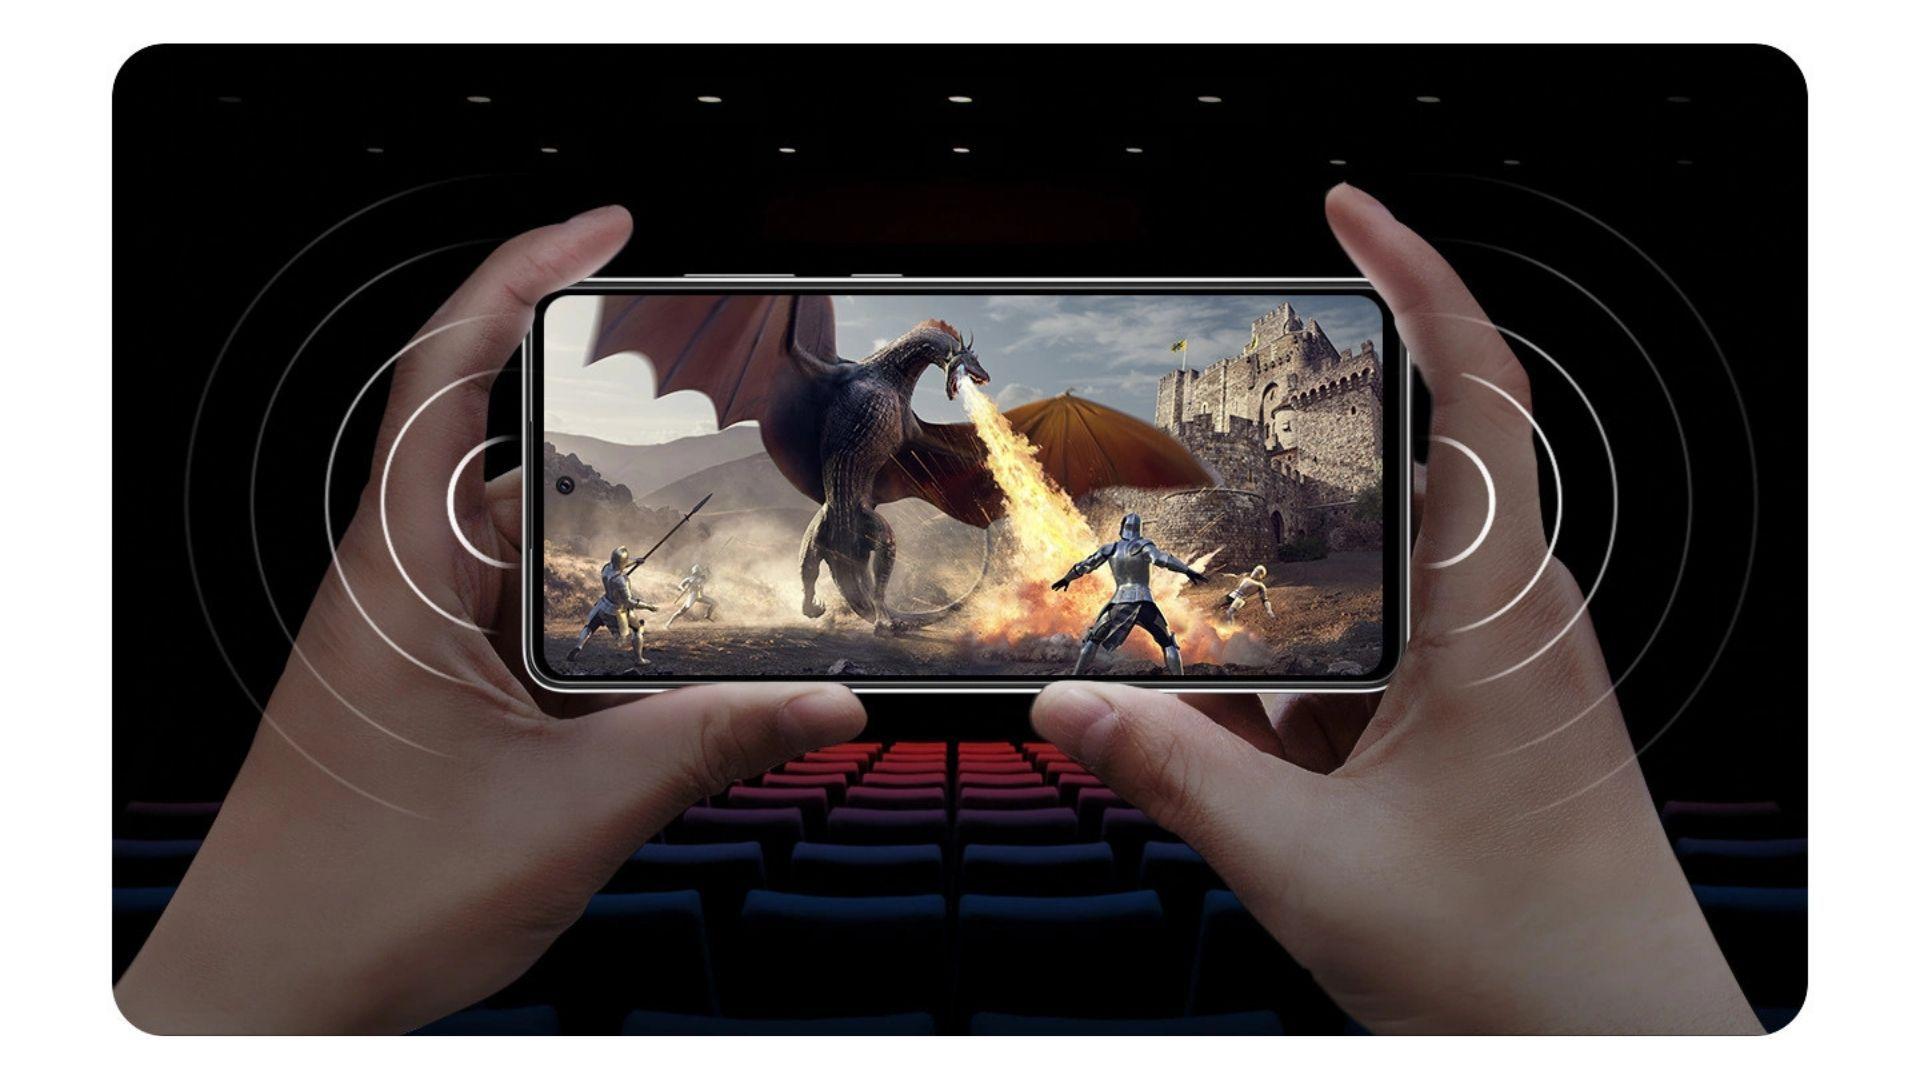 Parte frontal do A72 exibindo um jogo de celular